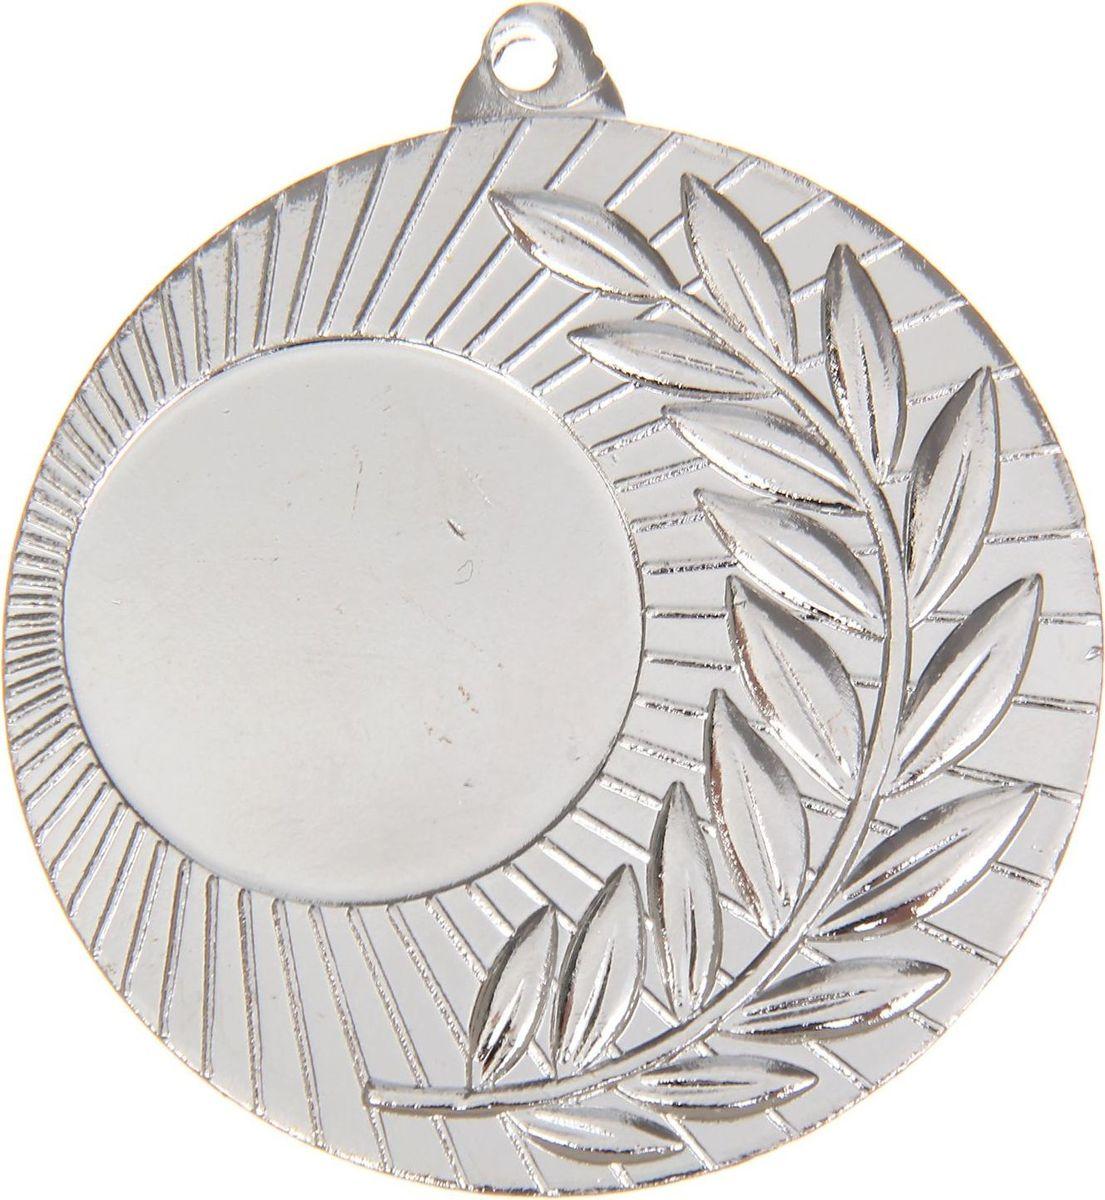 Медаль сувенирная с местом для гравировки, цвет: серебристый, диаметр 5 см. 0211108677Пусть любая победа будет отмечена соответствующей наградой! Медаль — знак отличия, которым награждают самых достойных. Она вручается лишь тем, кто проявил настойчивость и волю к победе. Каждое достижение — это важное событие, которое должно остаться в памяти на долгие годы. Медаль под нанесение 021, d=5, серебро изготовлена из металла, в комплект входит лента цвета триколор, являющегося одним из государственных символов России. Характеристики: Диаметр медали: 5 см Диаметр вкладыша (лицо): 2,5 см Диаметр вкладыша (оборот): 4,5 см Ширина ленты: 2,5 см.